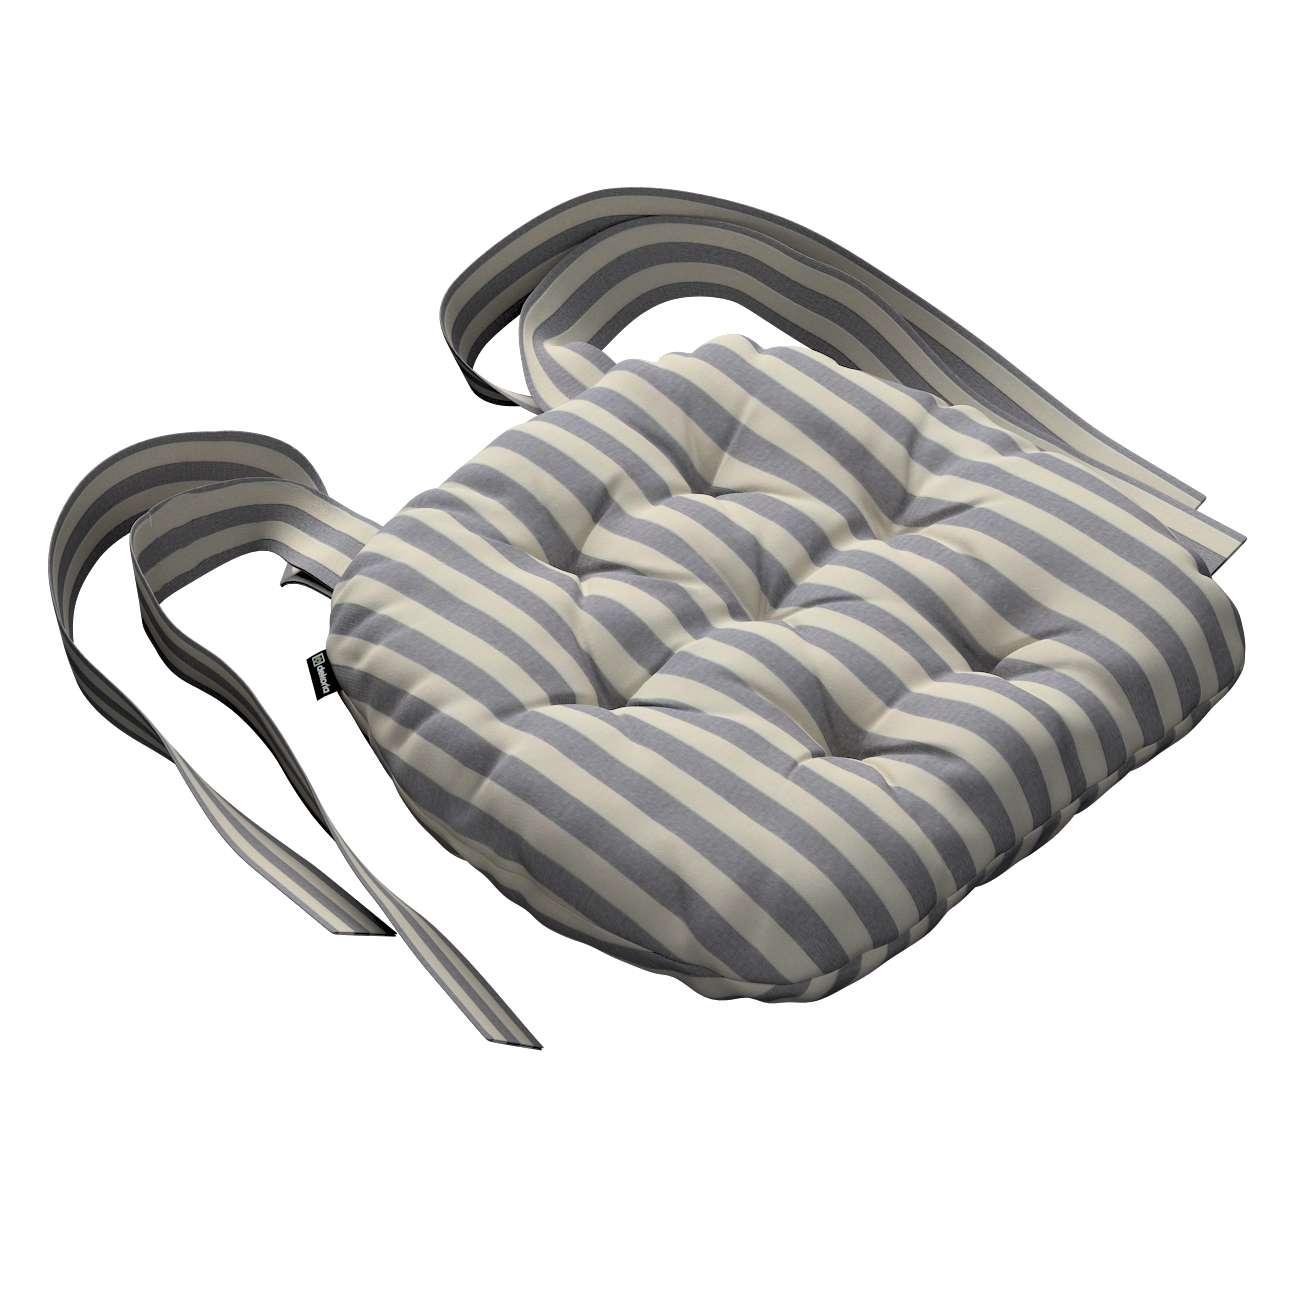 Siedzisko Marcin na krzesło 40x37x8cm w kolekcji Quadro, tkanina: 136-02